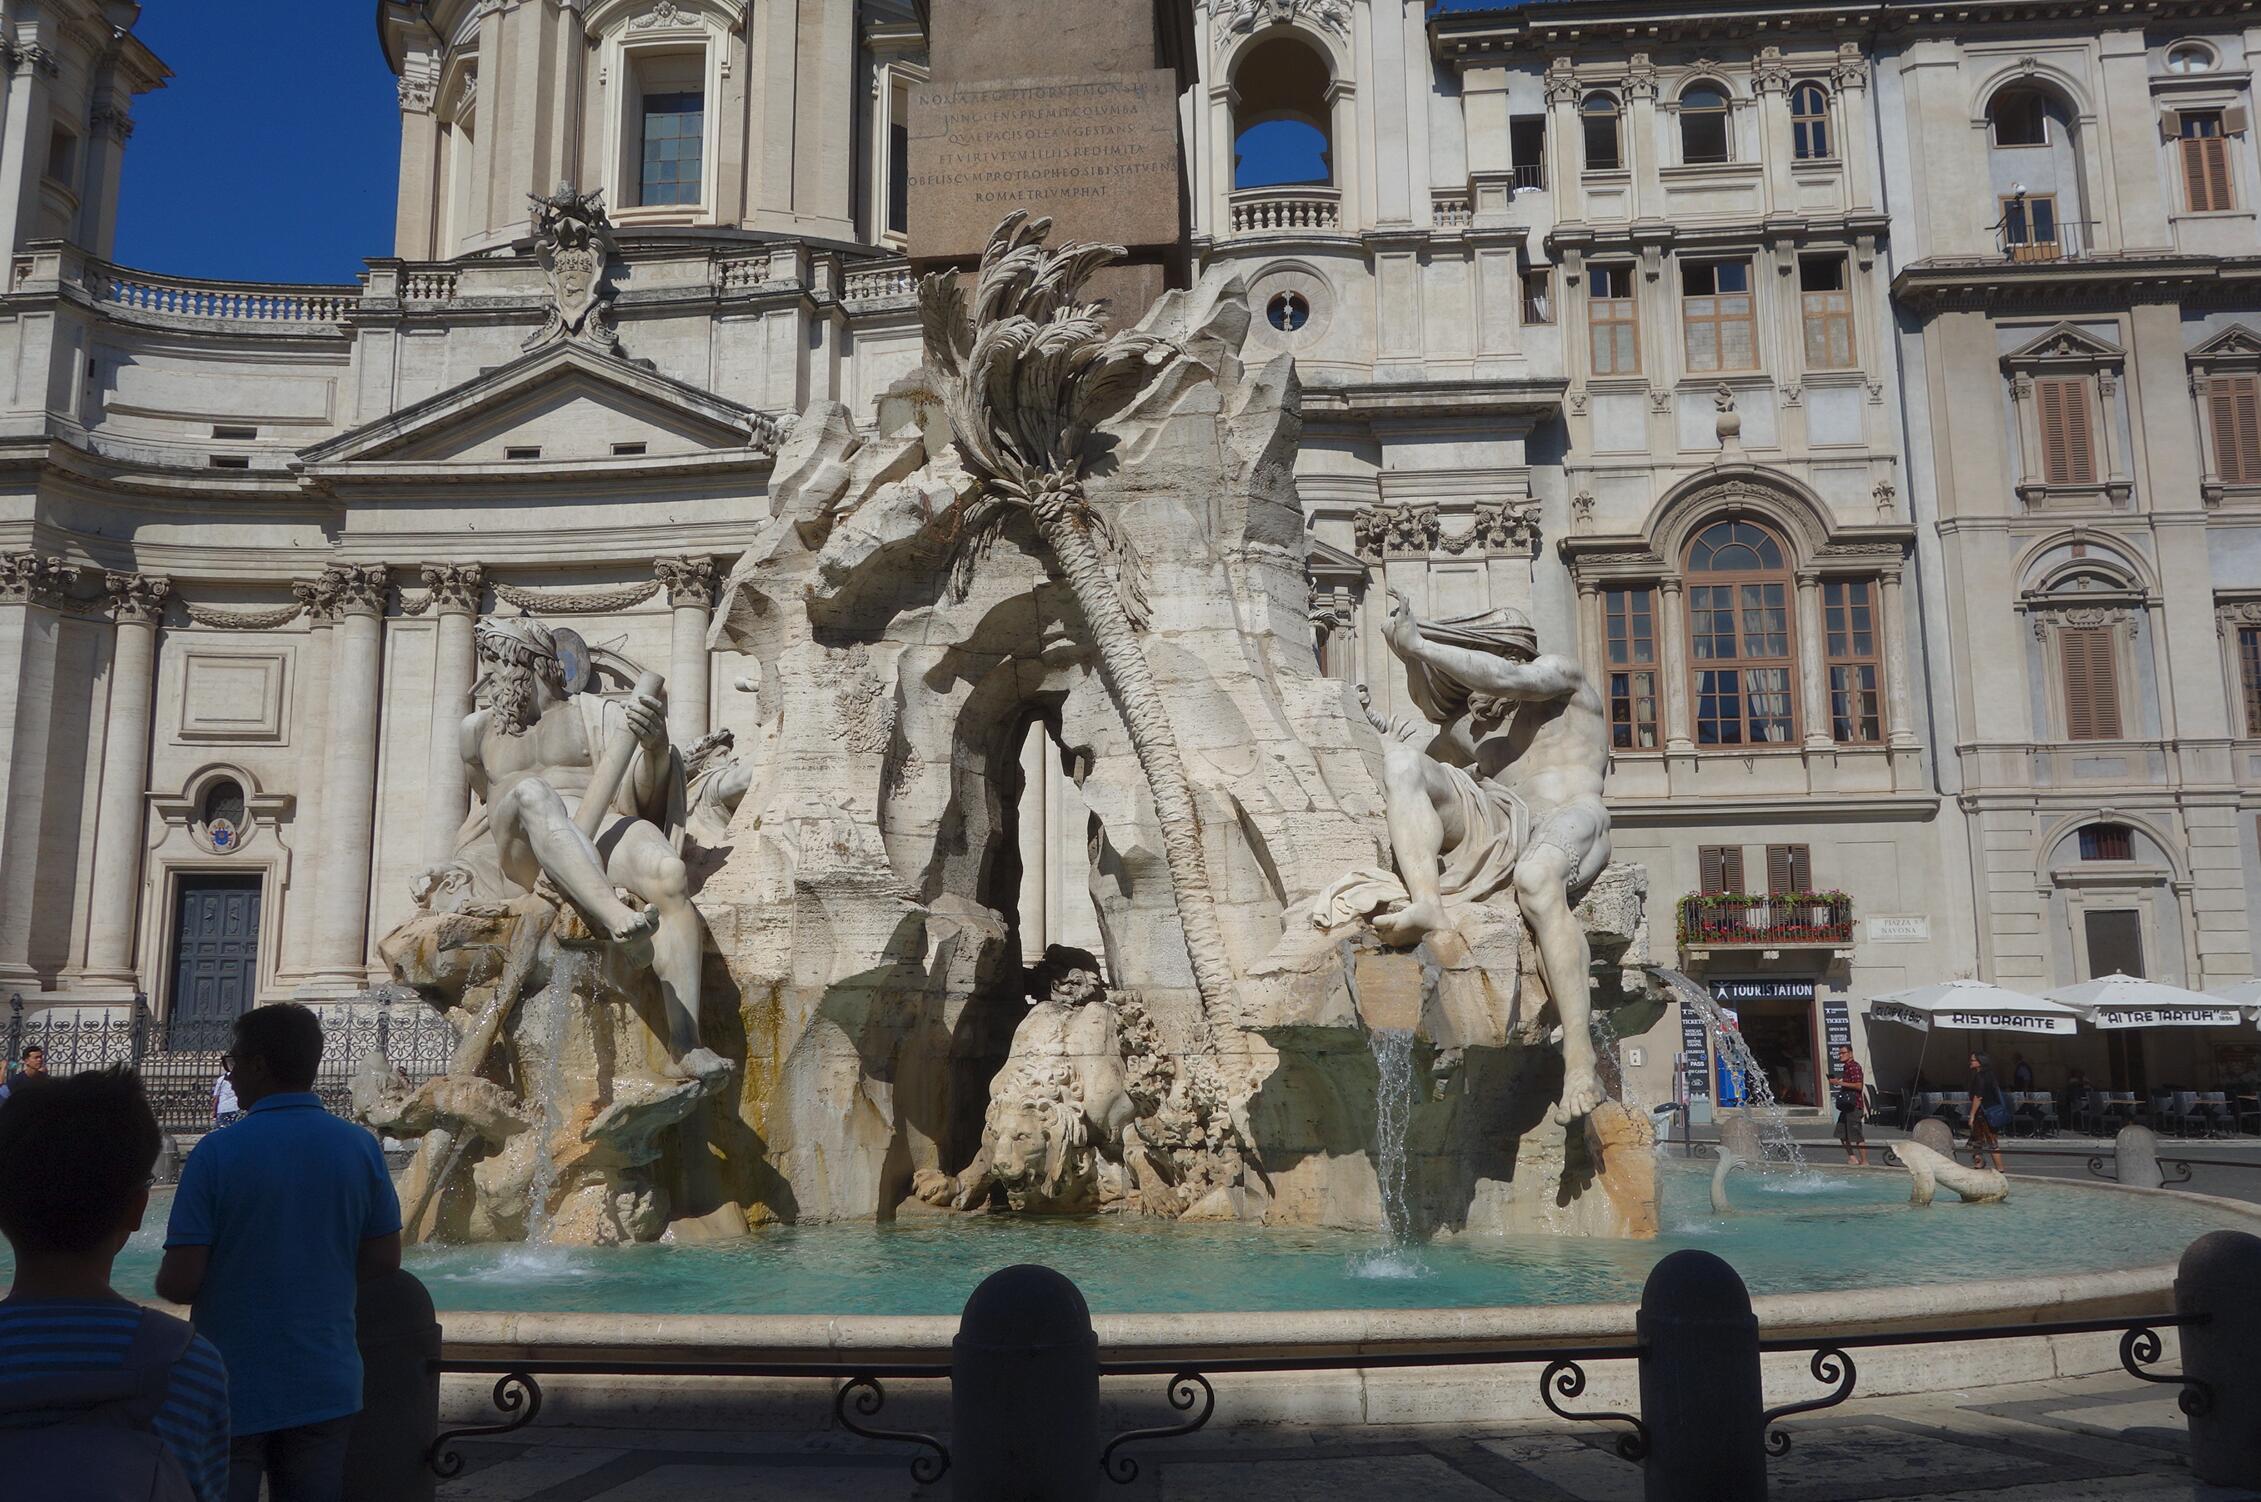 名作过眼:贝尔尼尼的喷泉雕塑06.jpg